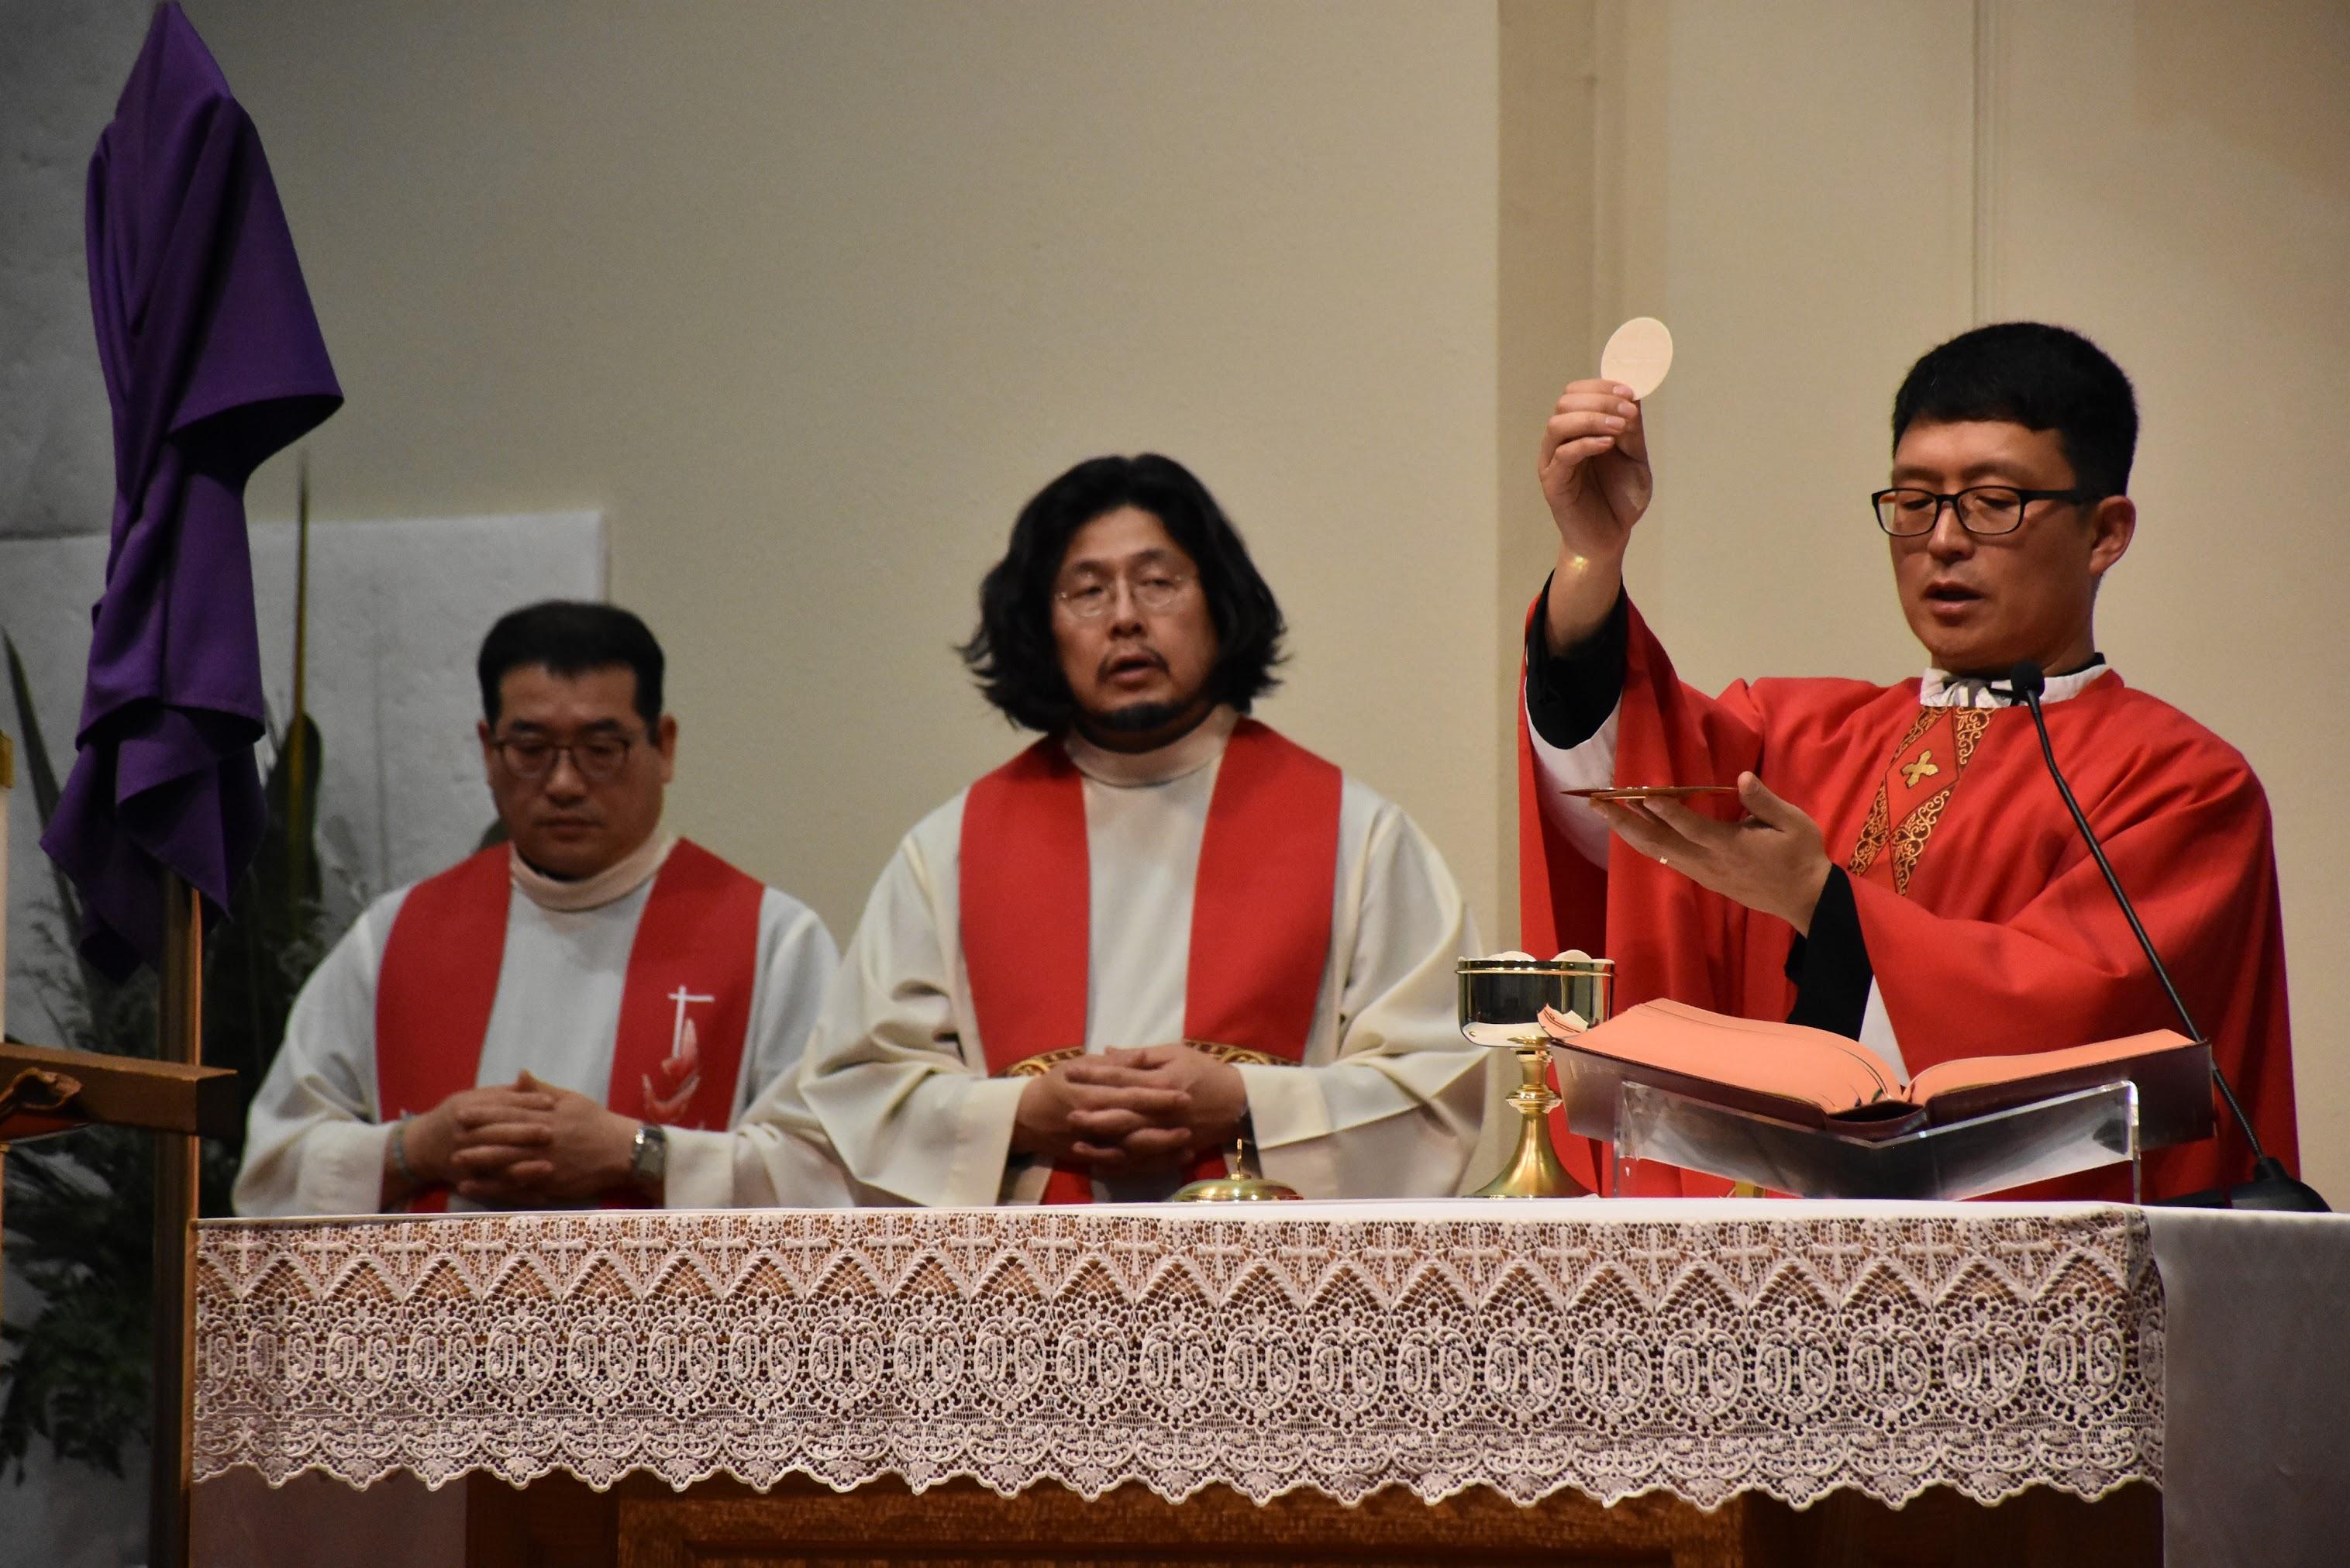 2018년 파스카 성삼일 주님수난 예식 - 십자가 경배